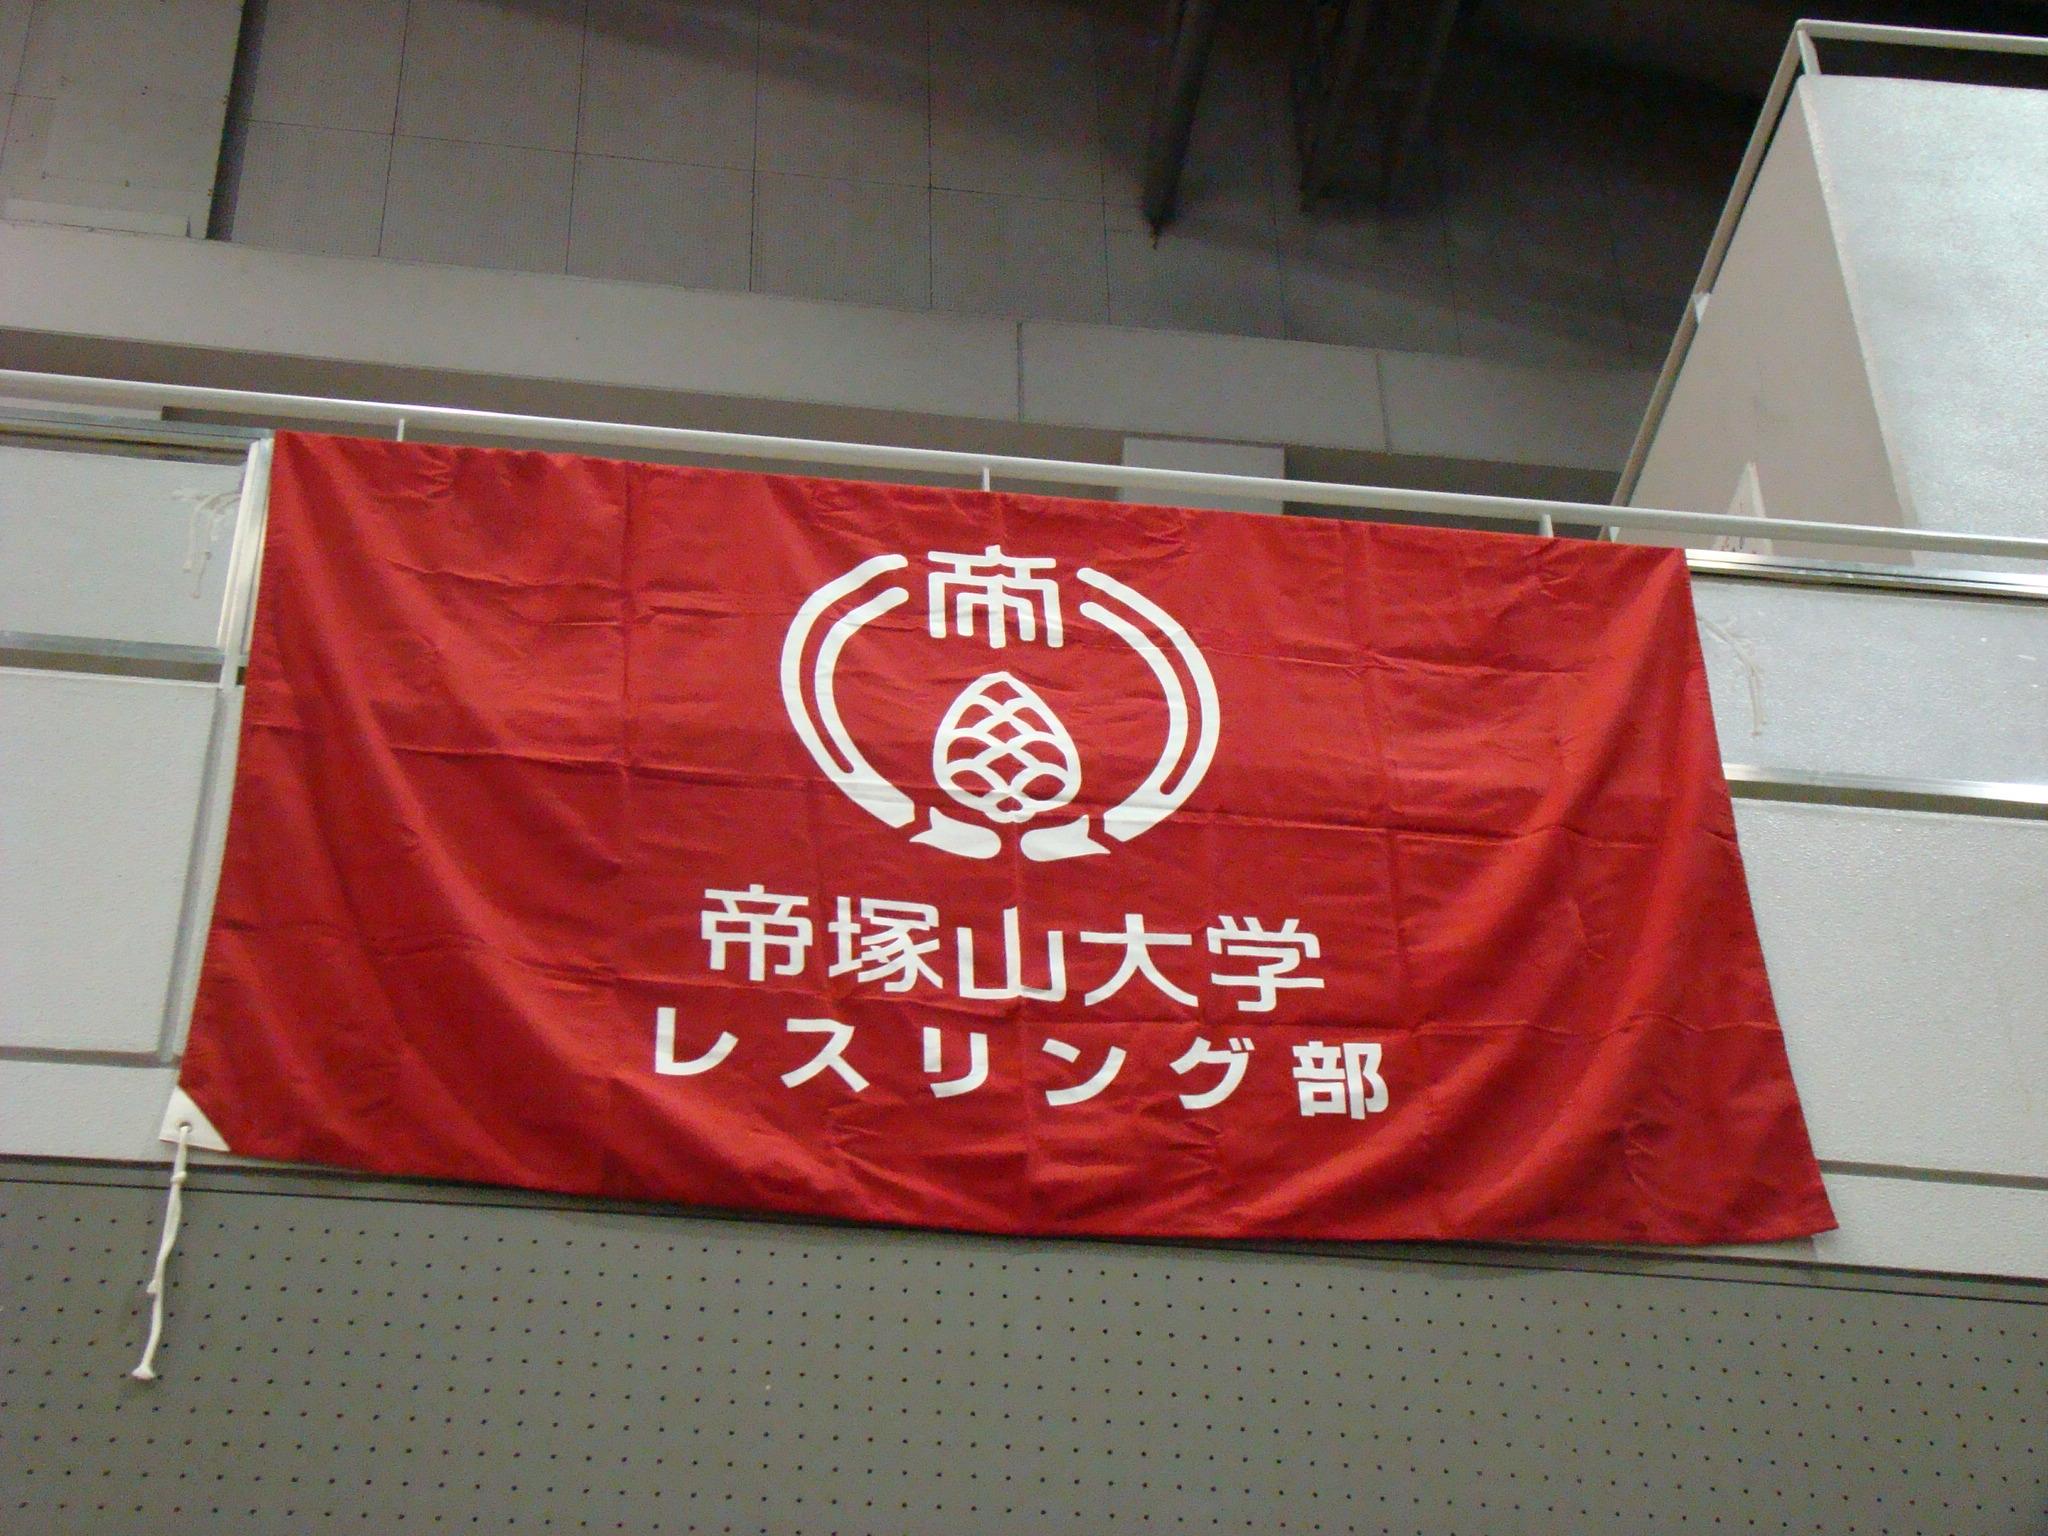 レスリング部の応援旗